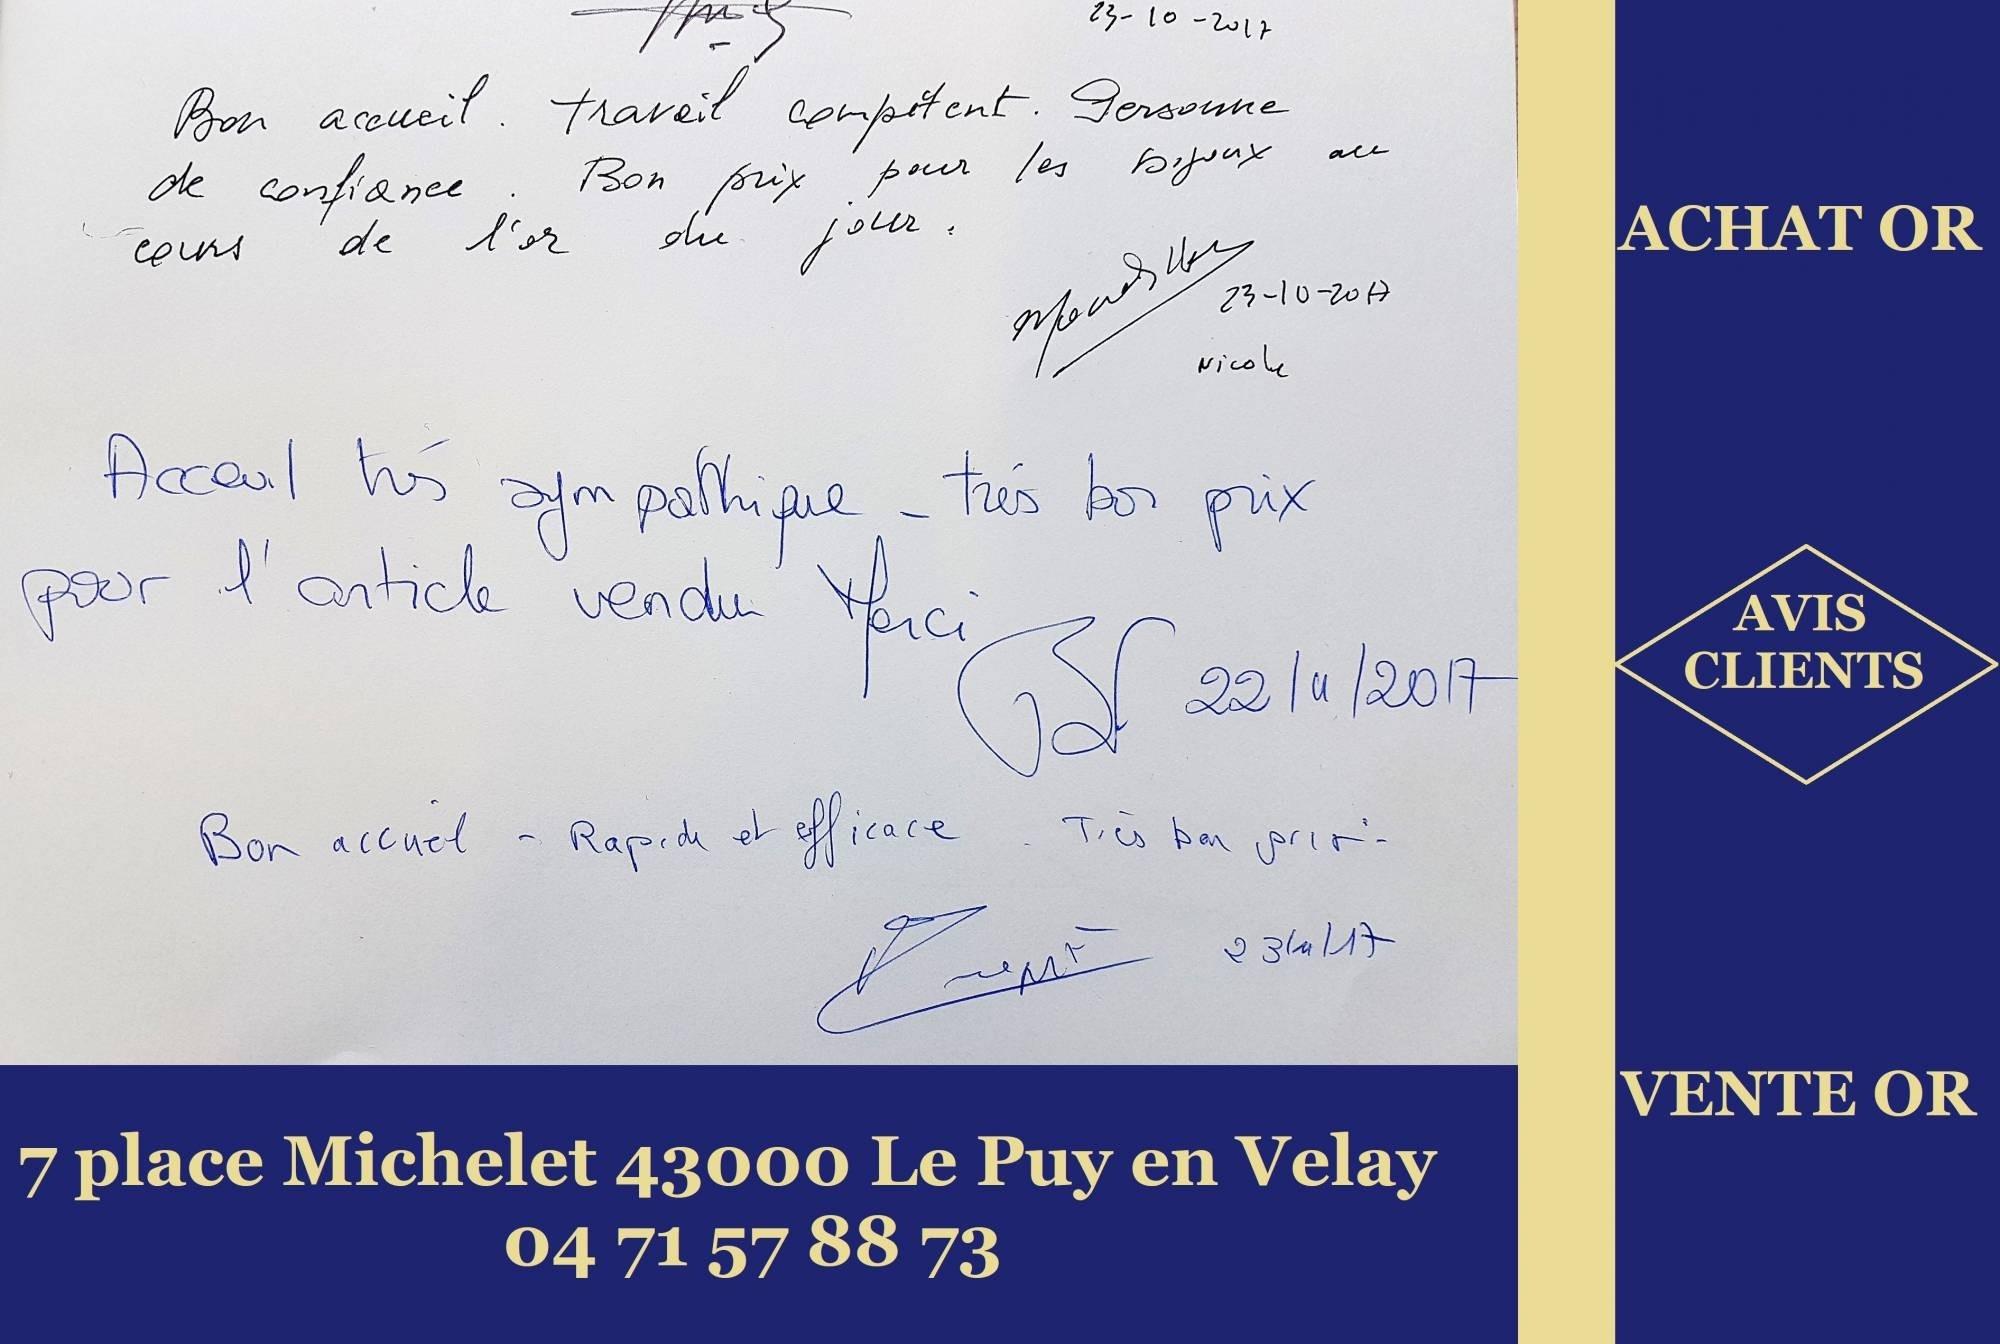 Avis Clients du comptoir d'achat or Le Puy